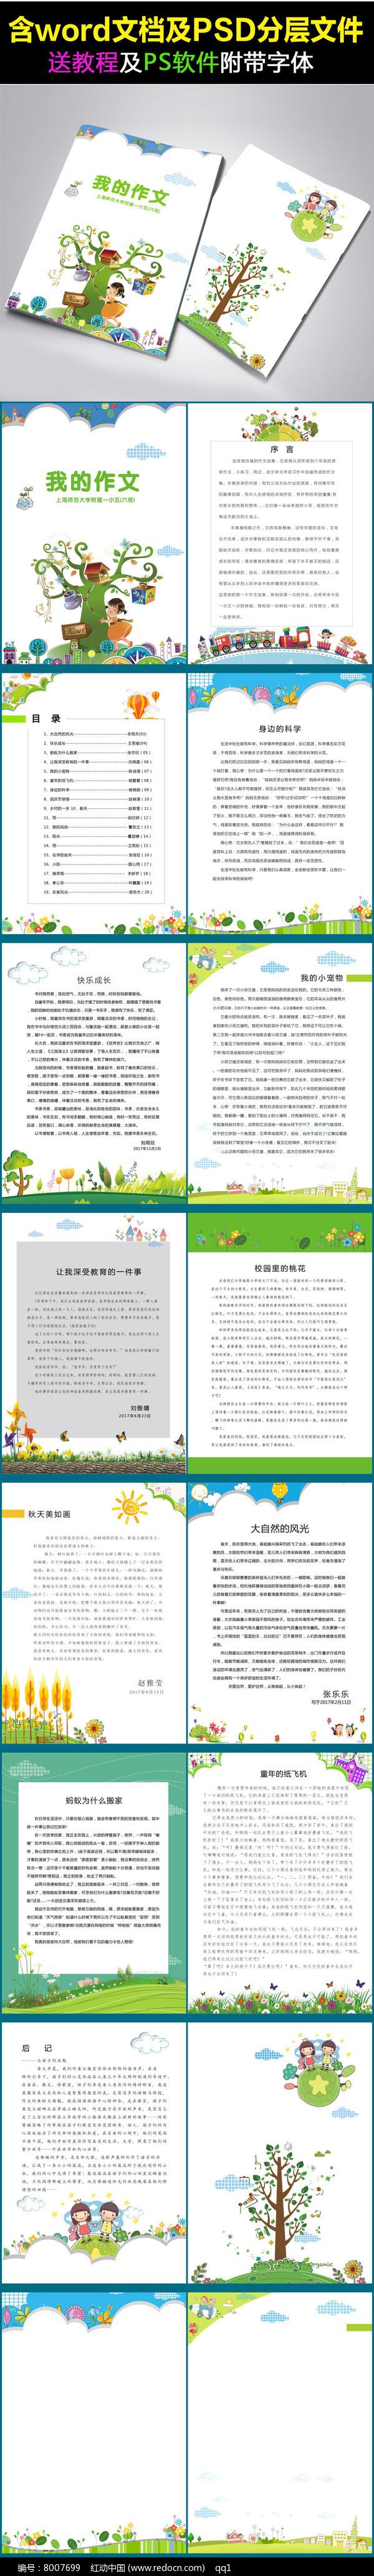 小学生作文集校刊画册设计图片